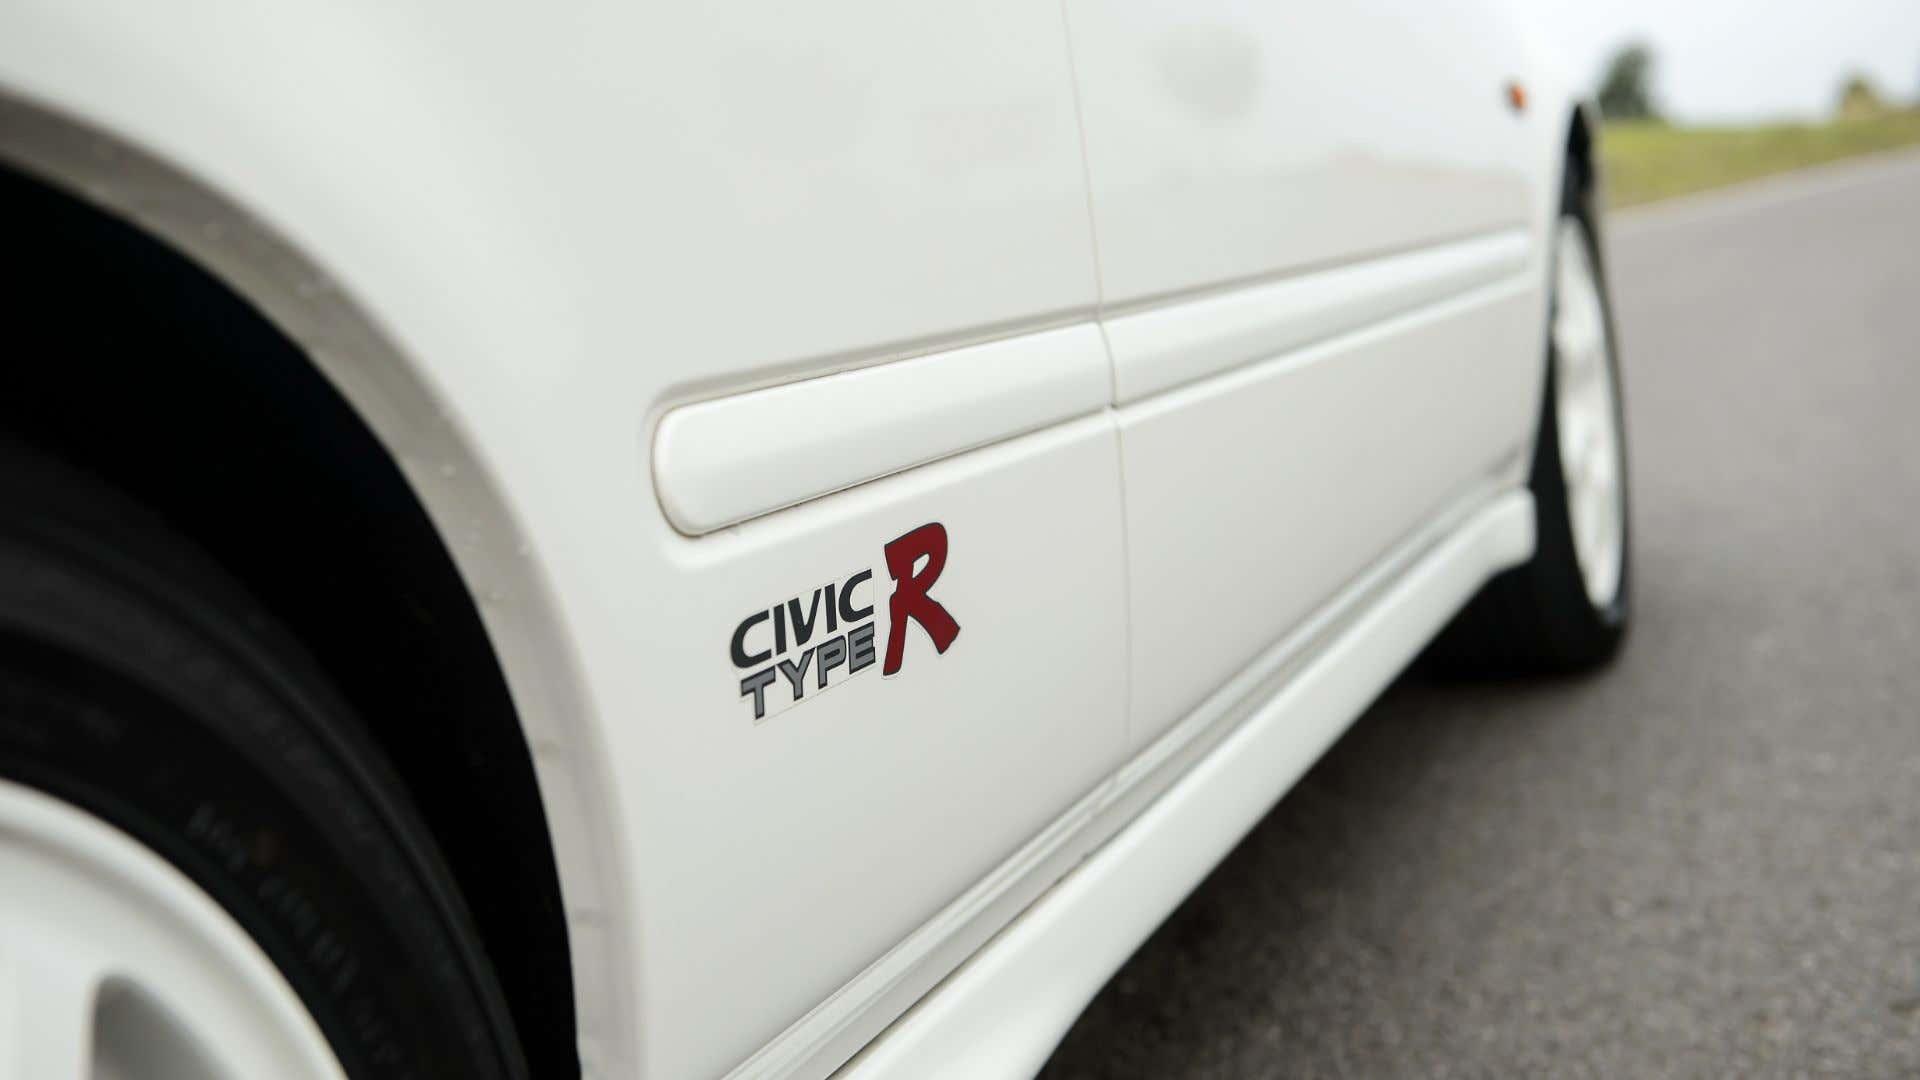 A Civic Type R logo.